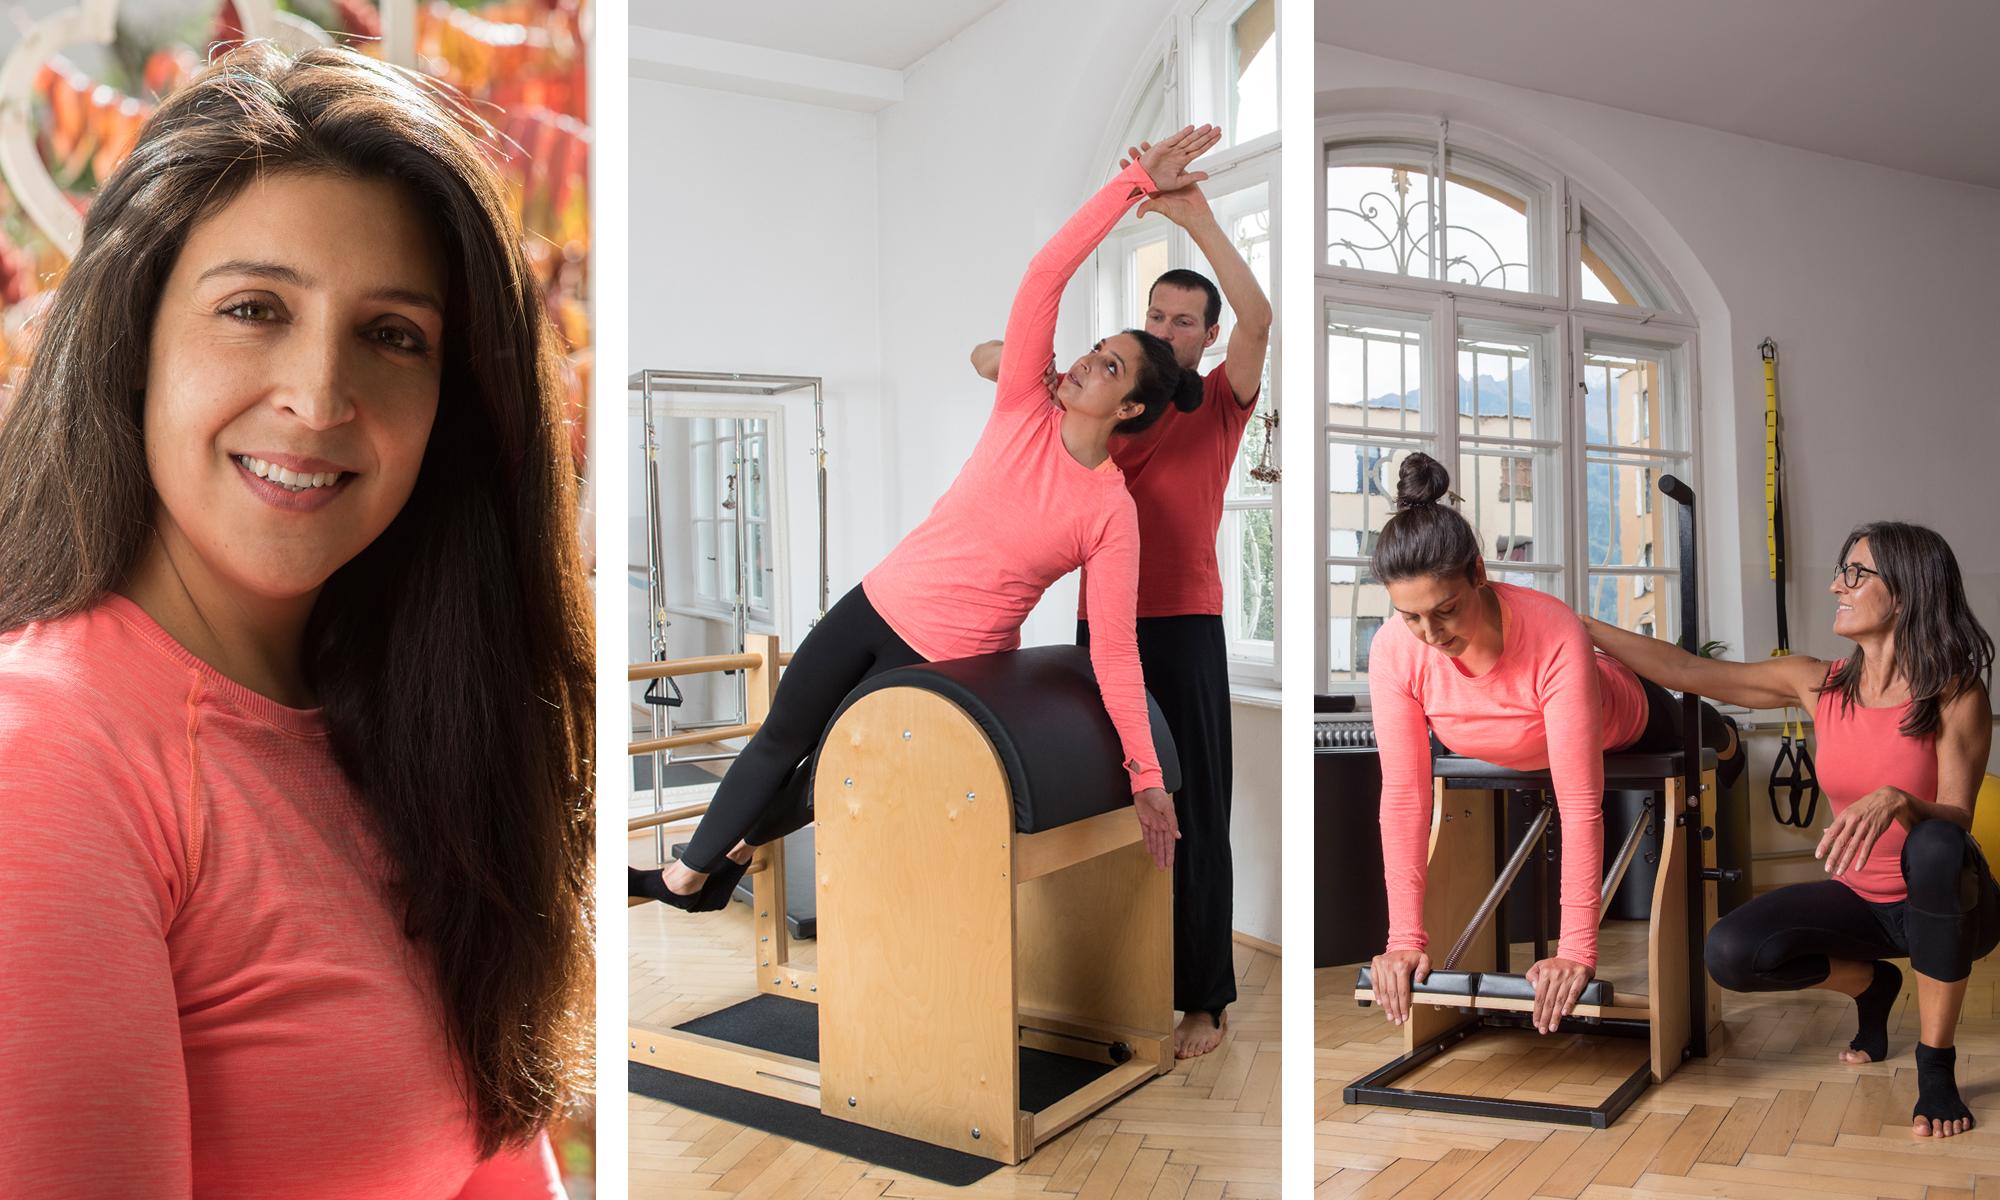 Claudia Wille Pilates Übung (Fotocollage mit Geräten und Trainern)